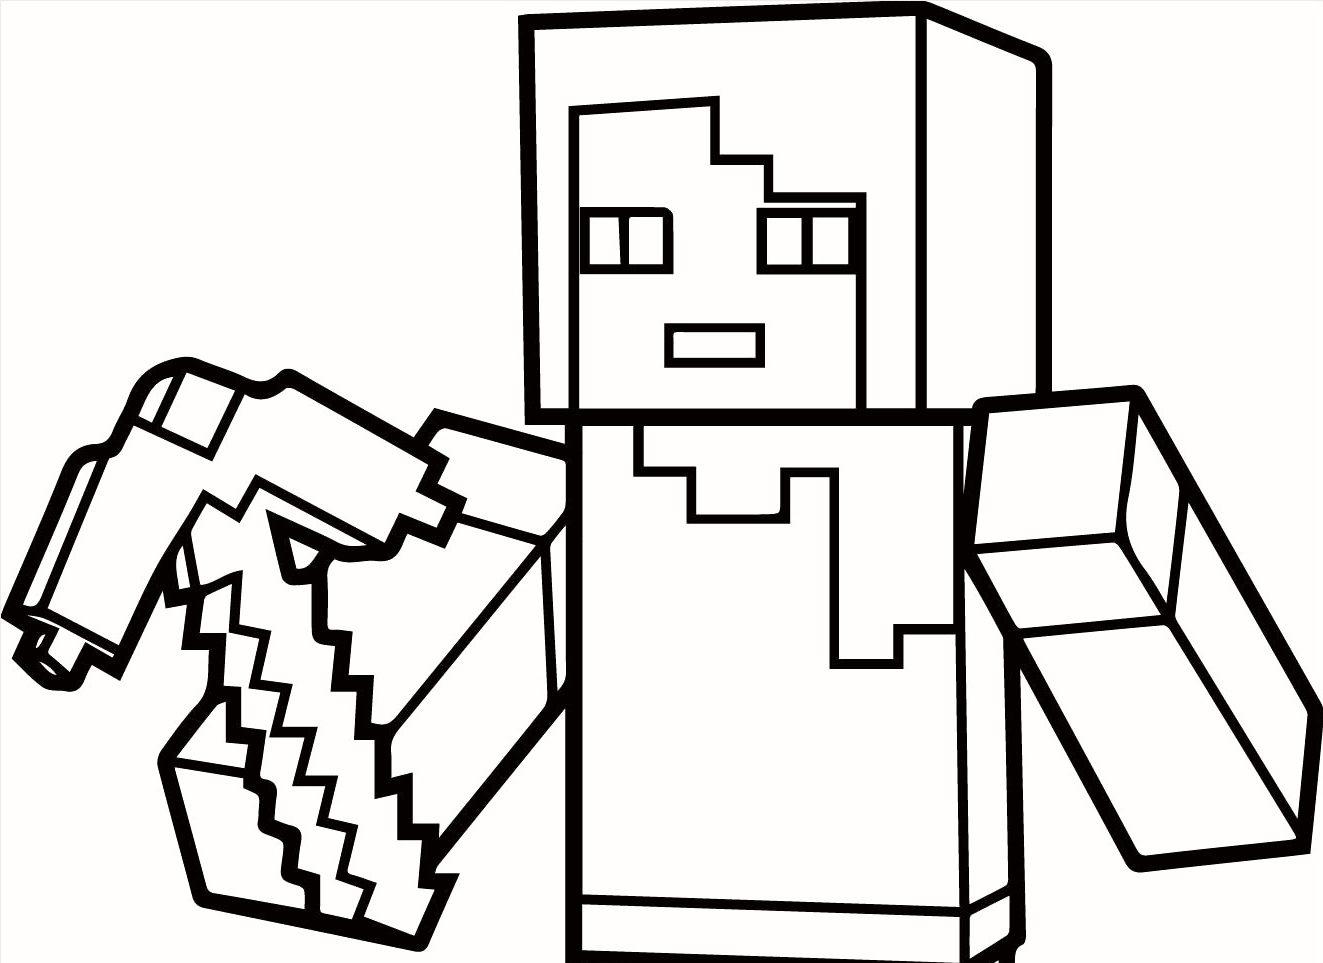 30 Beste Ausmalbilder Minecraft Zum Ausdrucken bestimmt für Minecraft Ausmalbilder Zum Ausdrucken